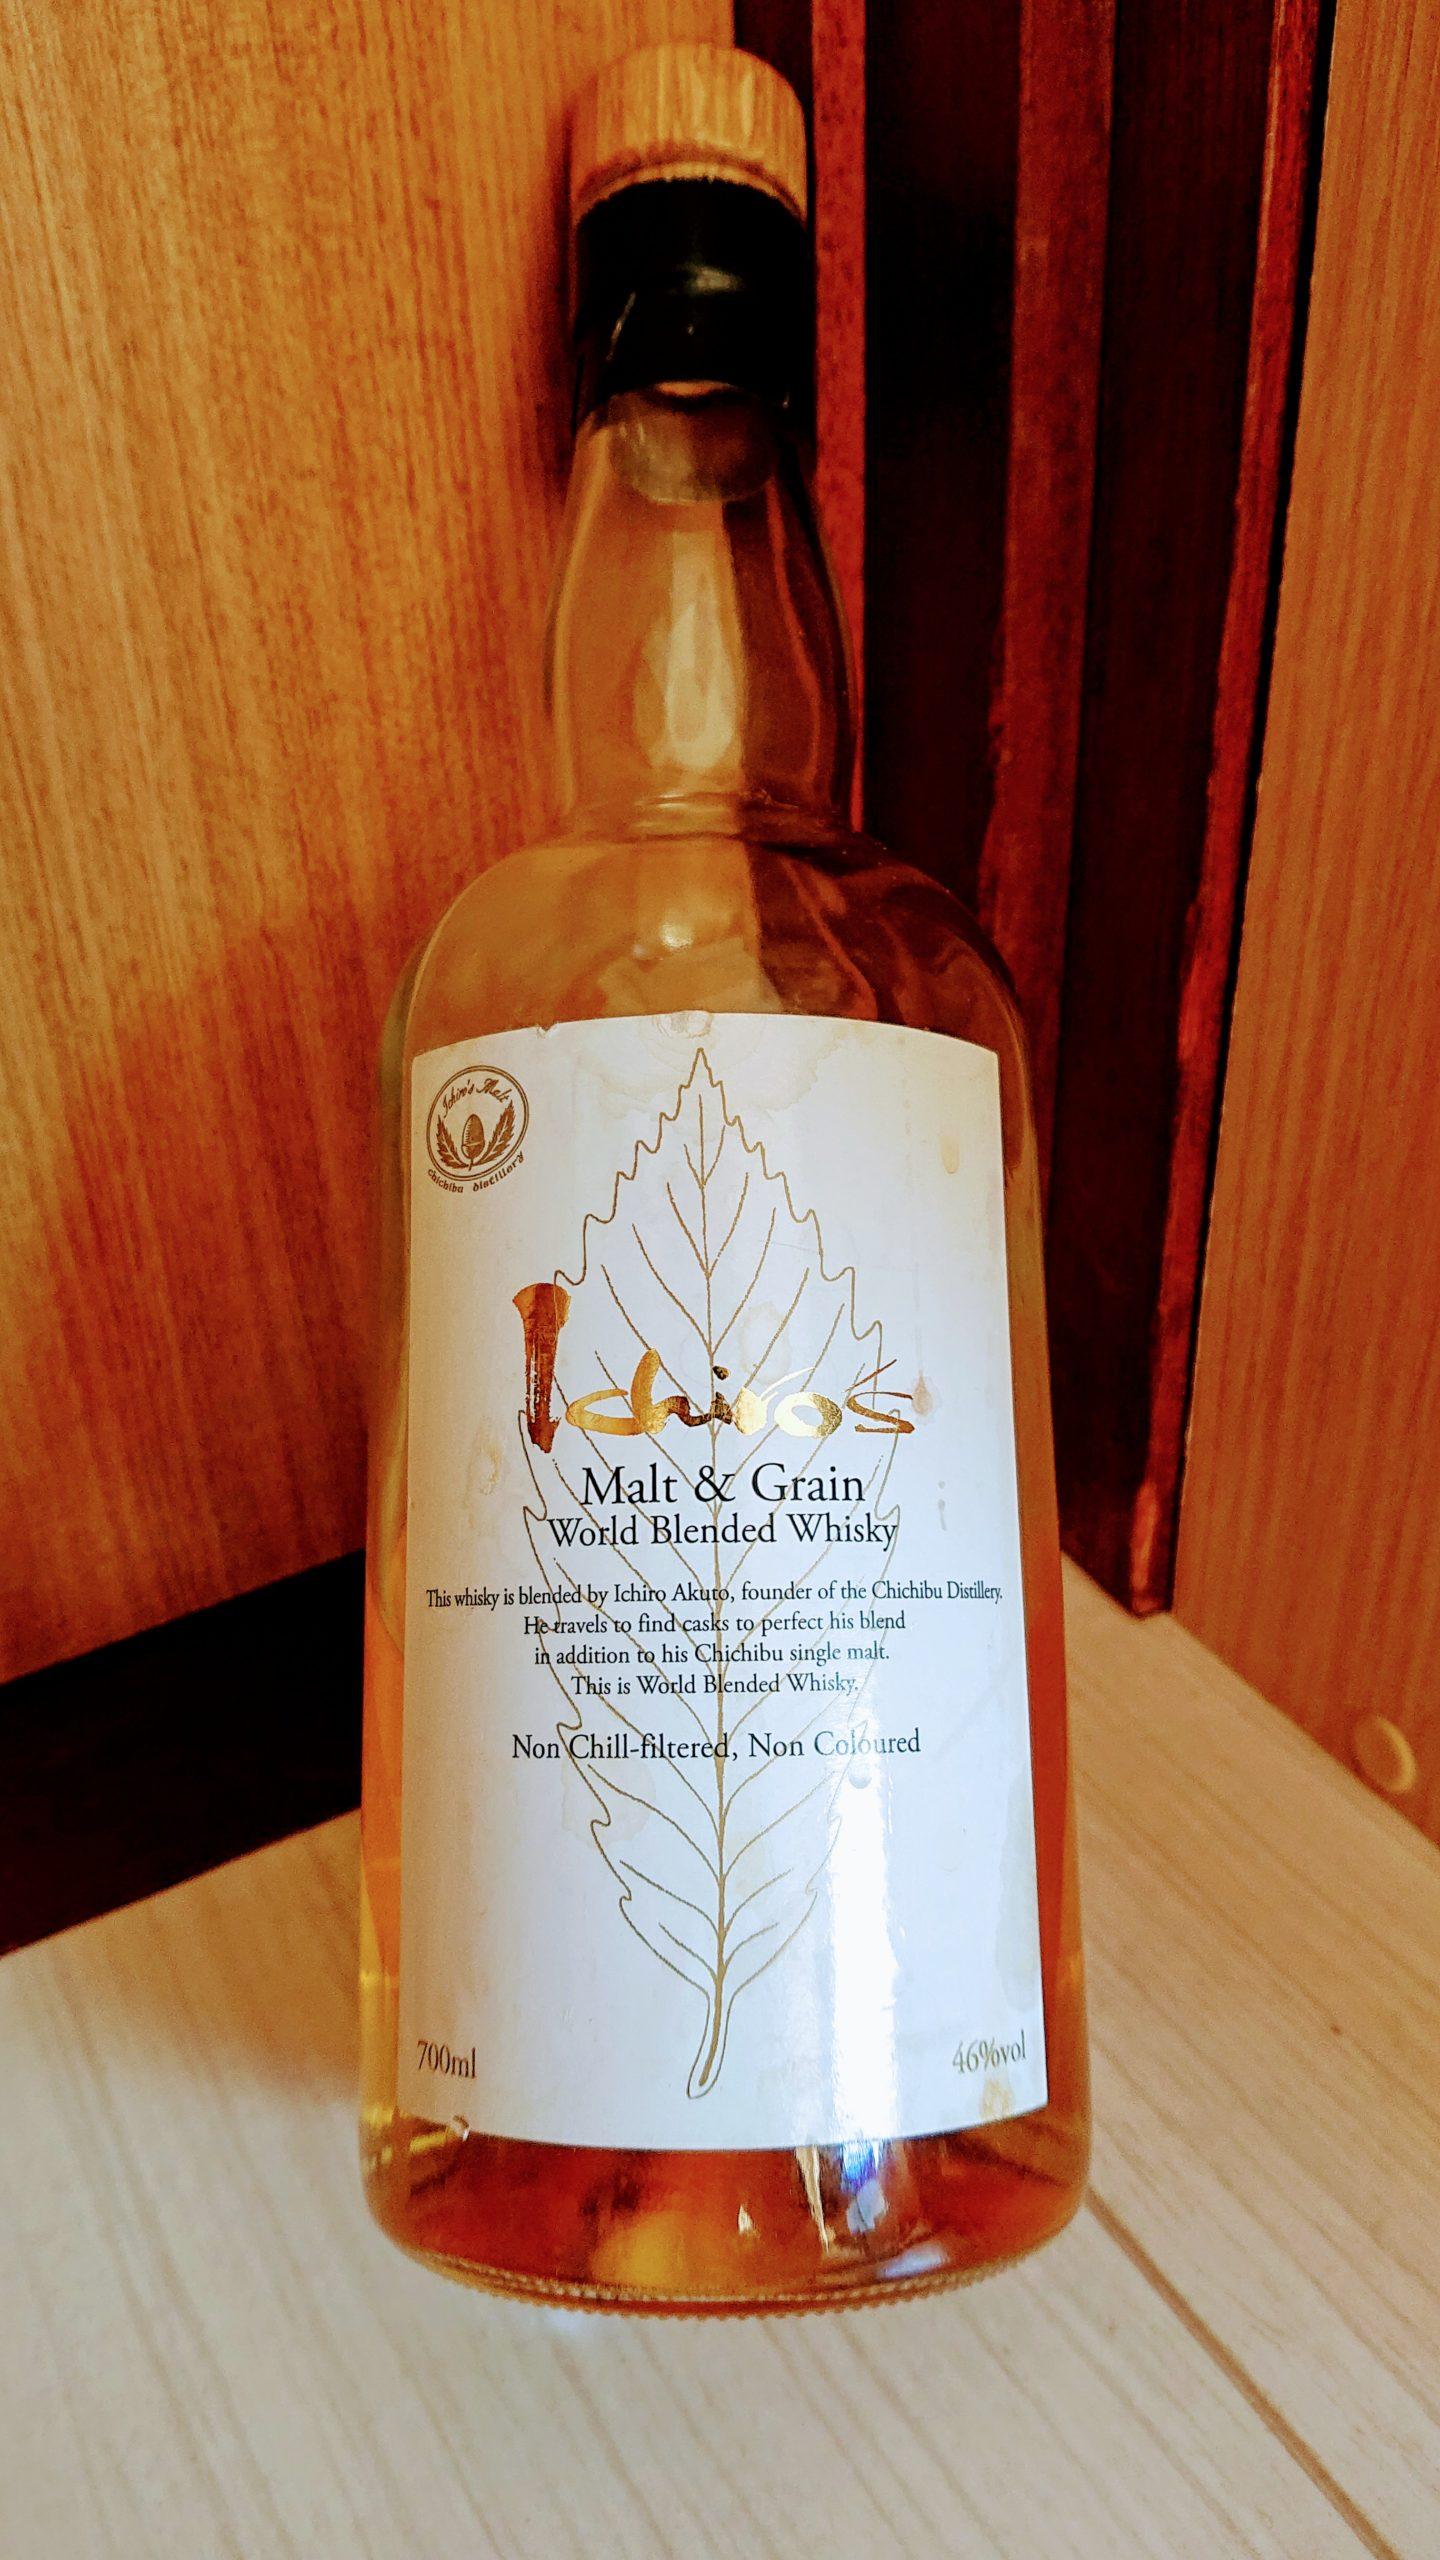 イチローズモルト&グレーン・ワールドブレンデッドのテイスティング・ジャパニーズ新世代ウィスキーのパイオニアが送り出した「世界✖秩父」の新定番!